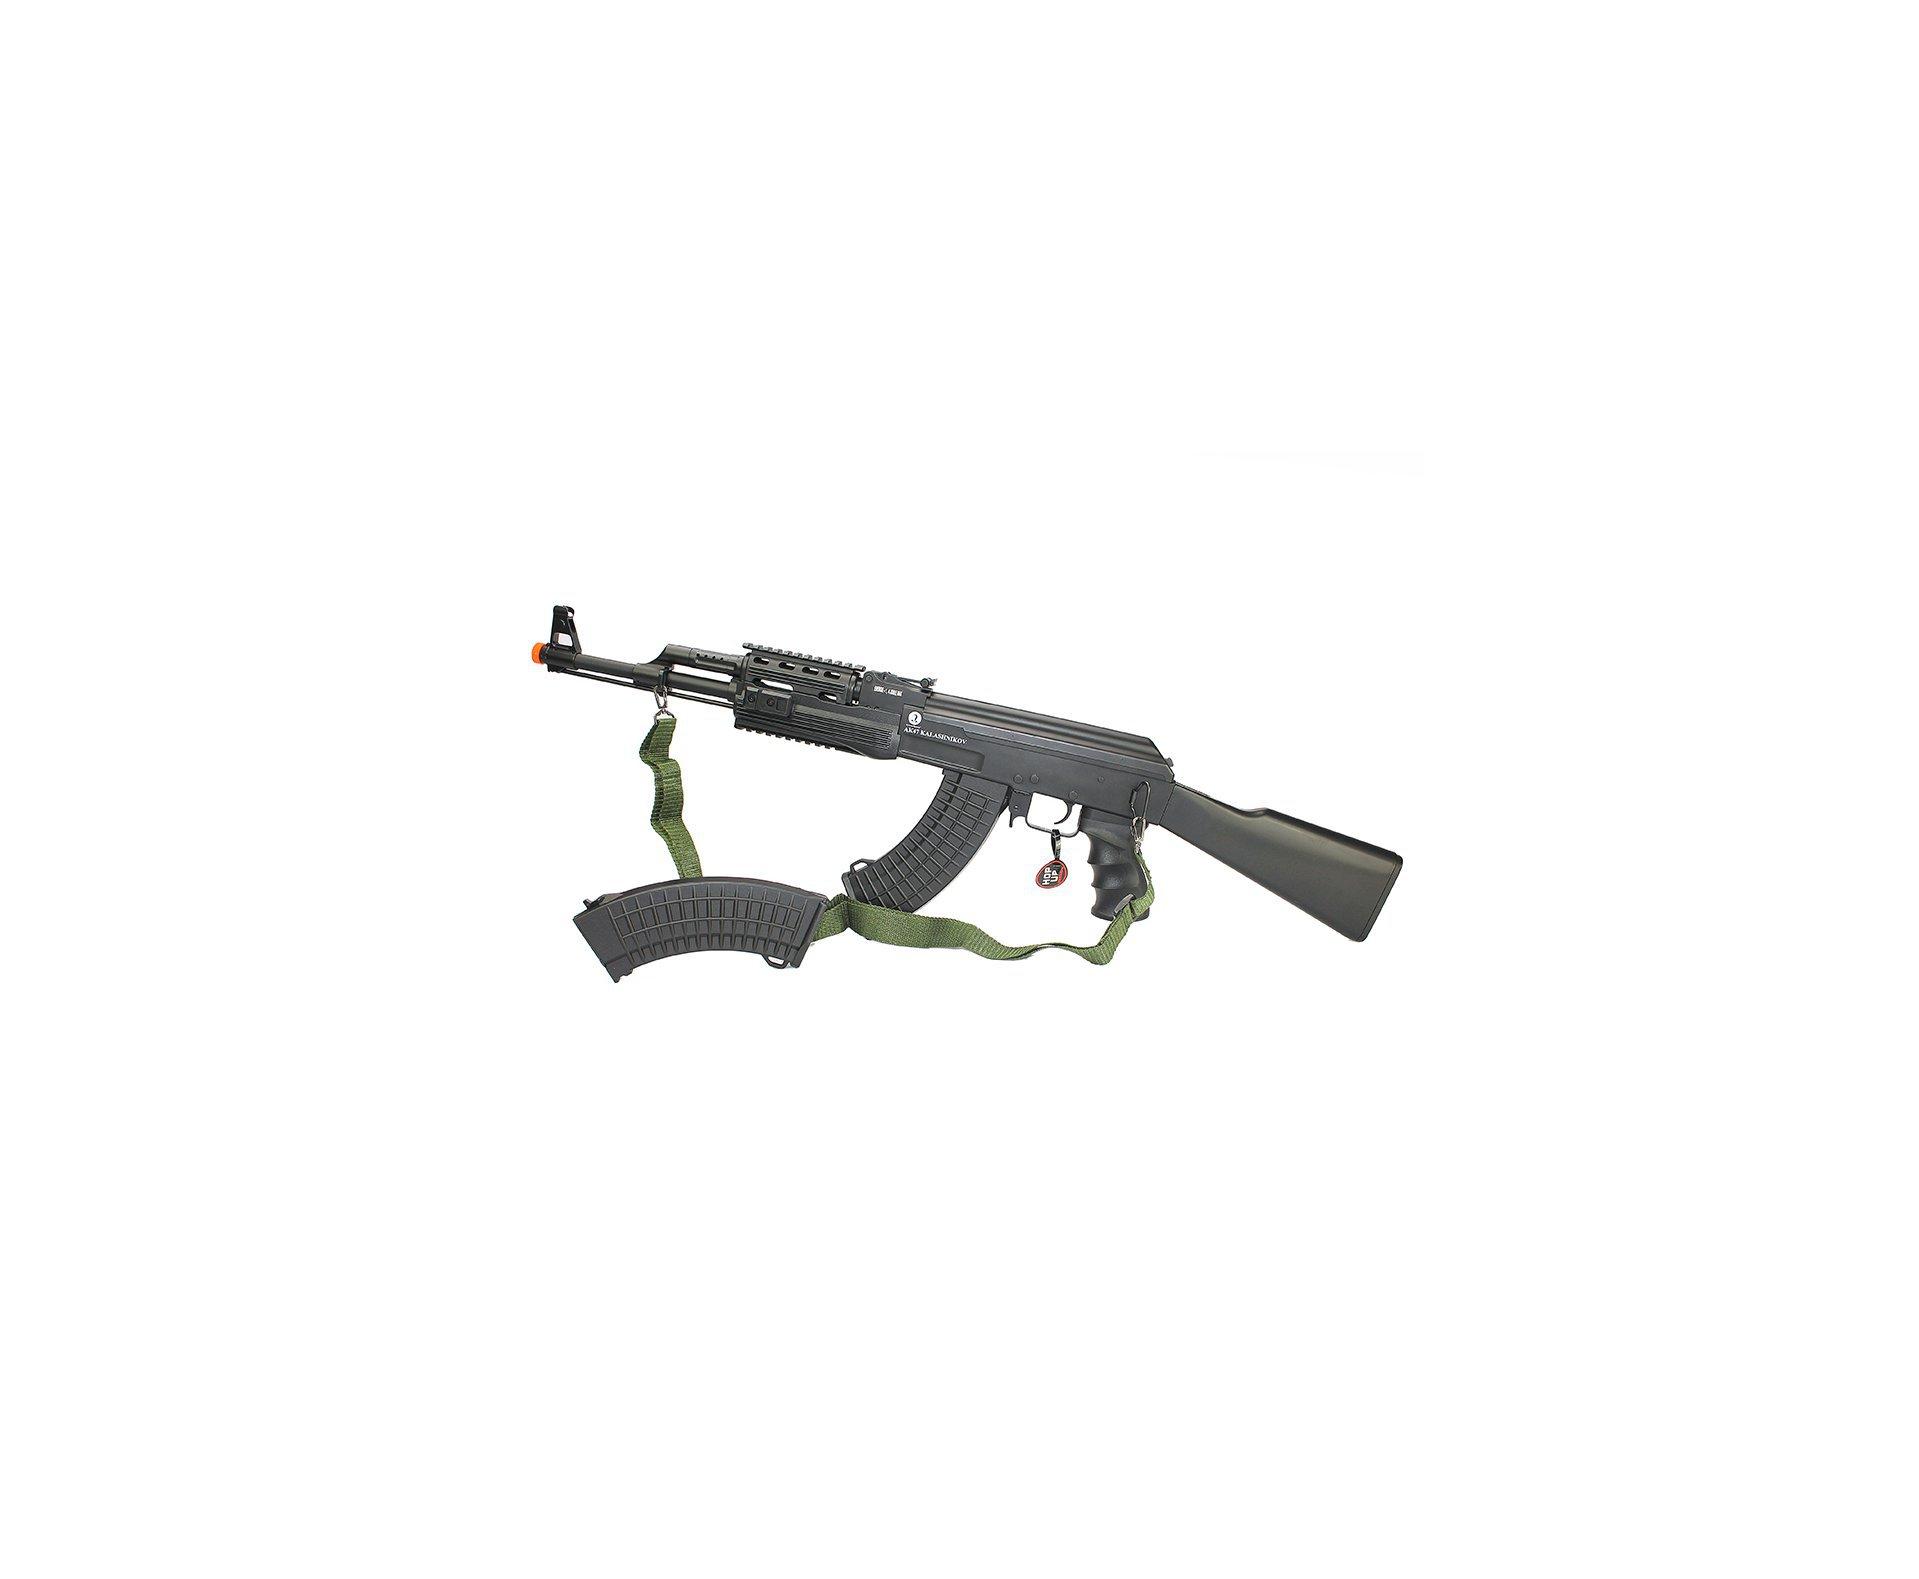 Rifle De Airsoft Ak 47 Tactical Fsv Full + 4000 Esferas 0,20g + Capa Airsoft Cybergun